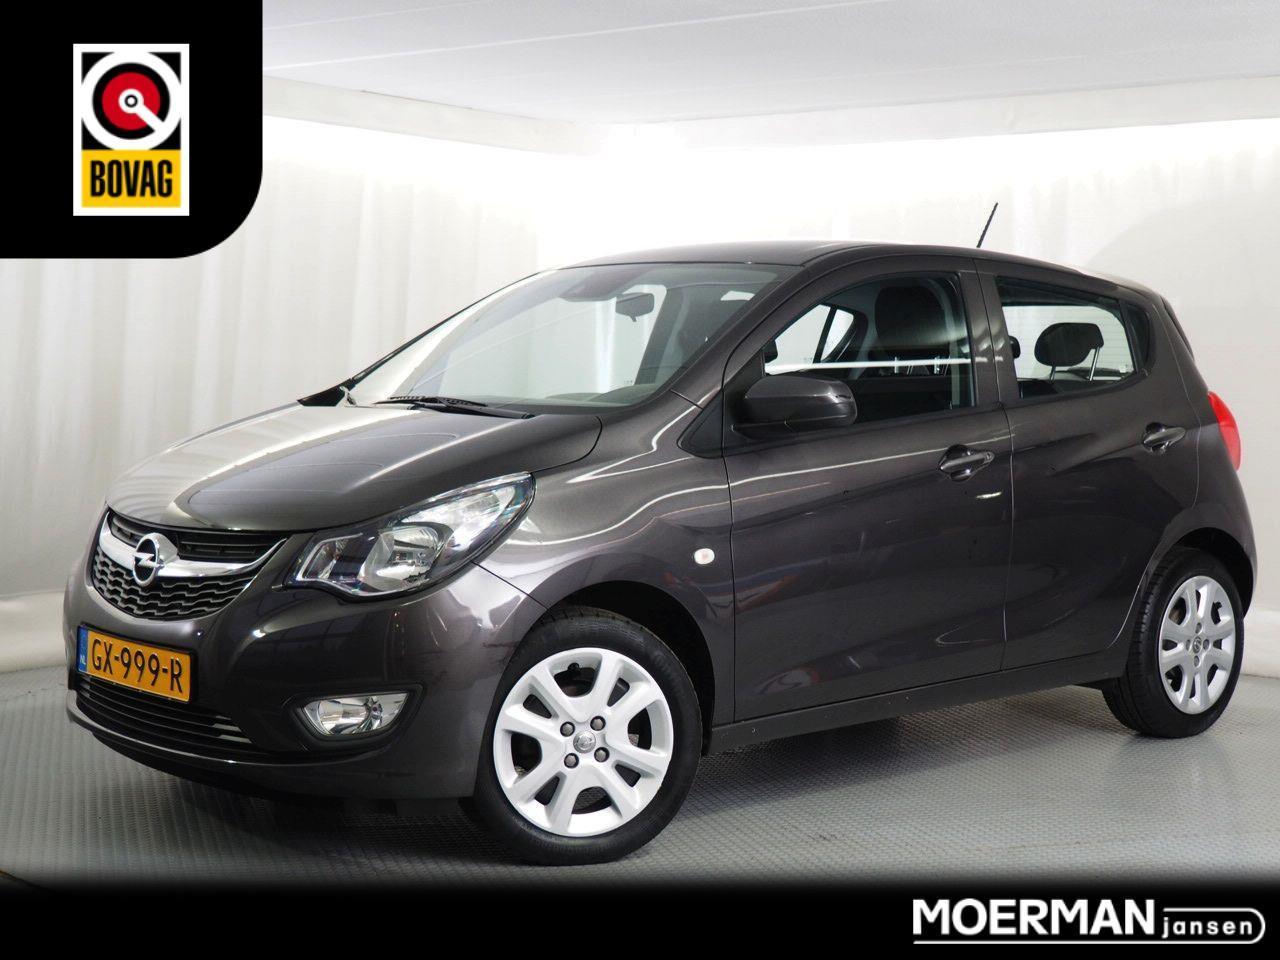 Opel Karl 1.0 ecoflex edition edition plus / 1e eigenaar / hoge instap / 49.000km / dealeronderhouden /